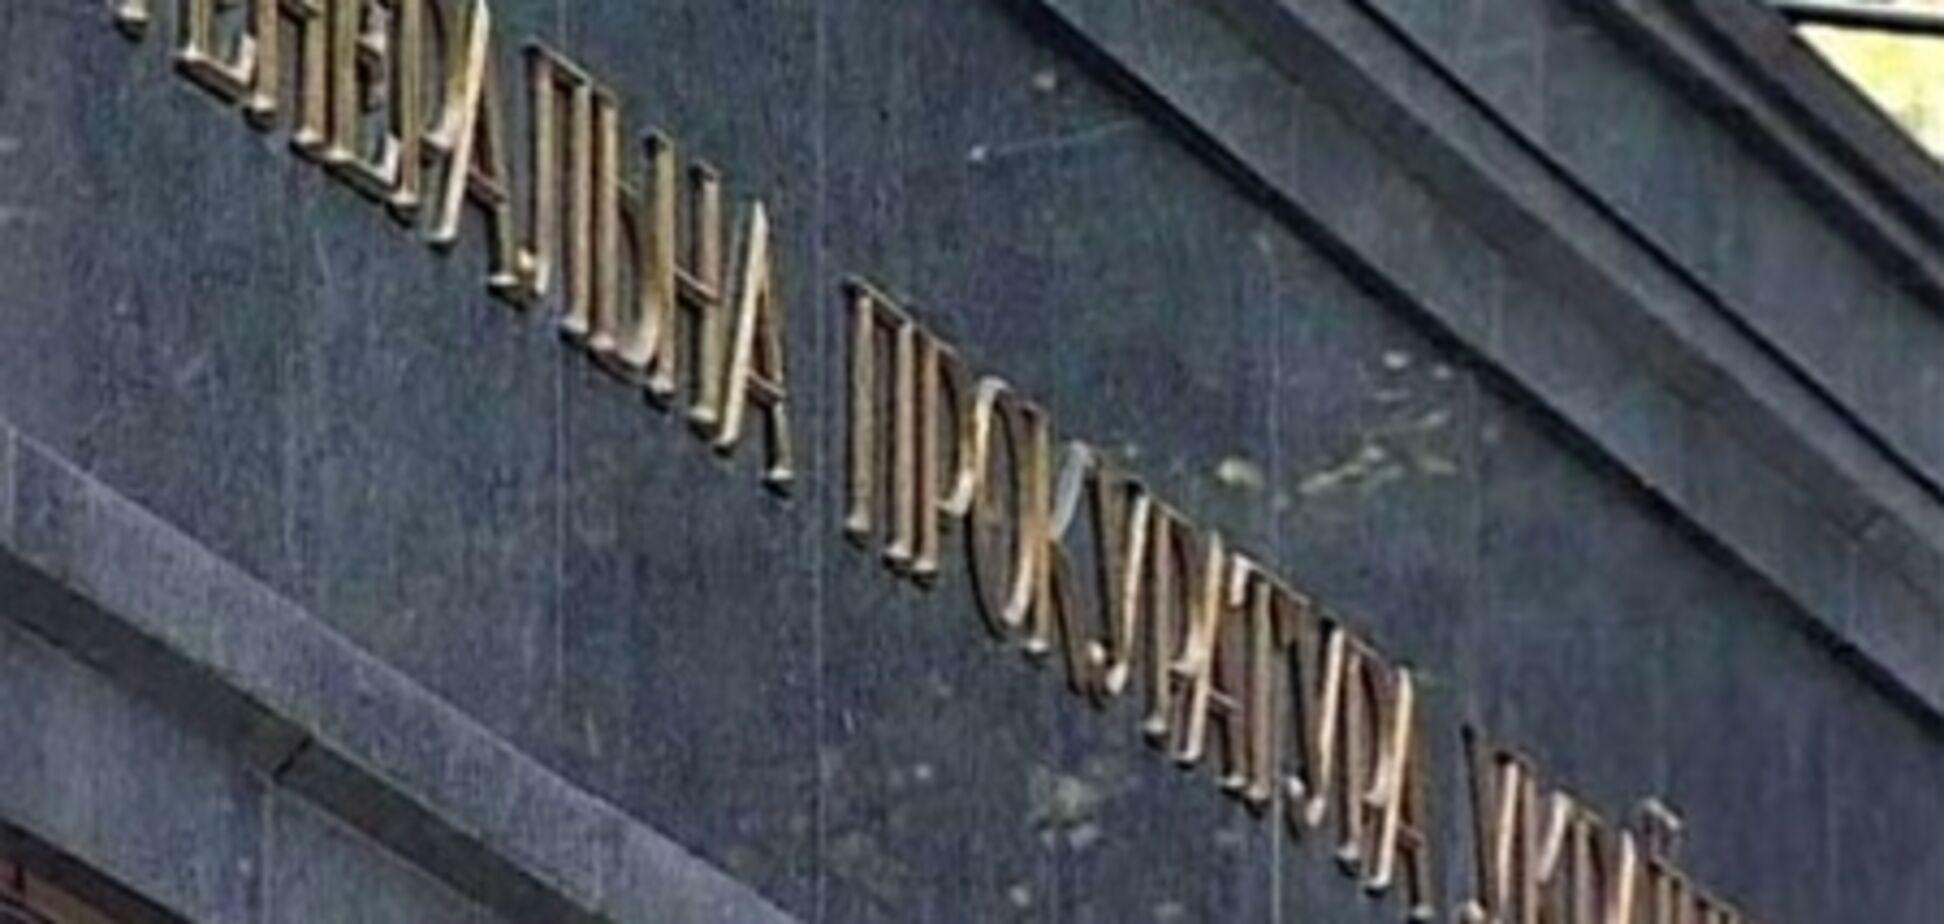 Пшонка і Захарченко вранці вилетіли до Харкова у зв'язку з убивством судді